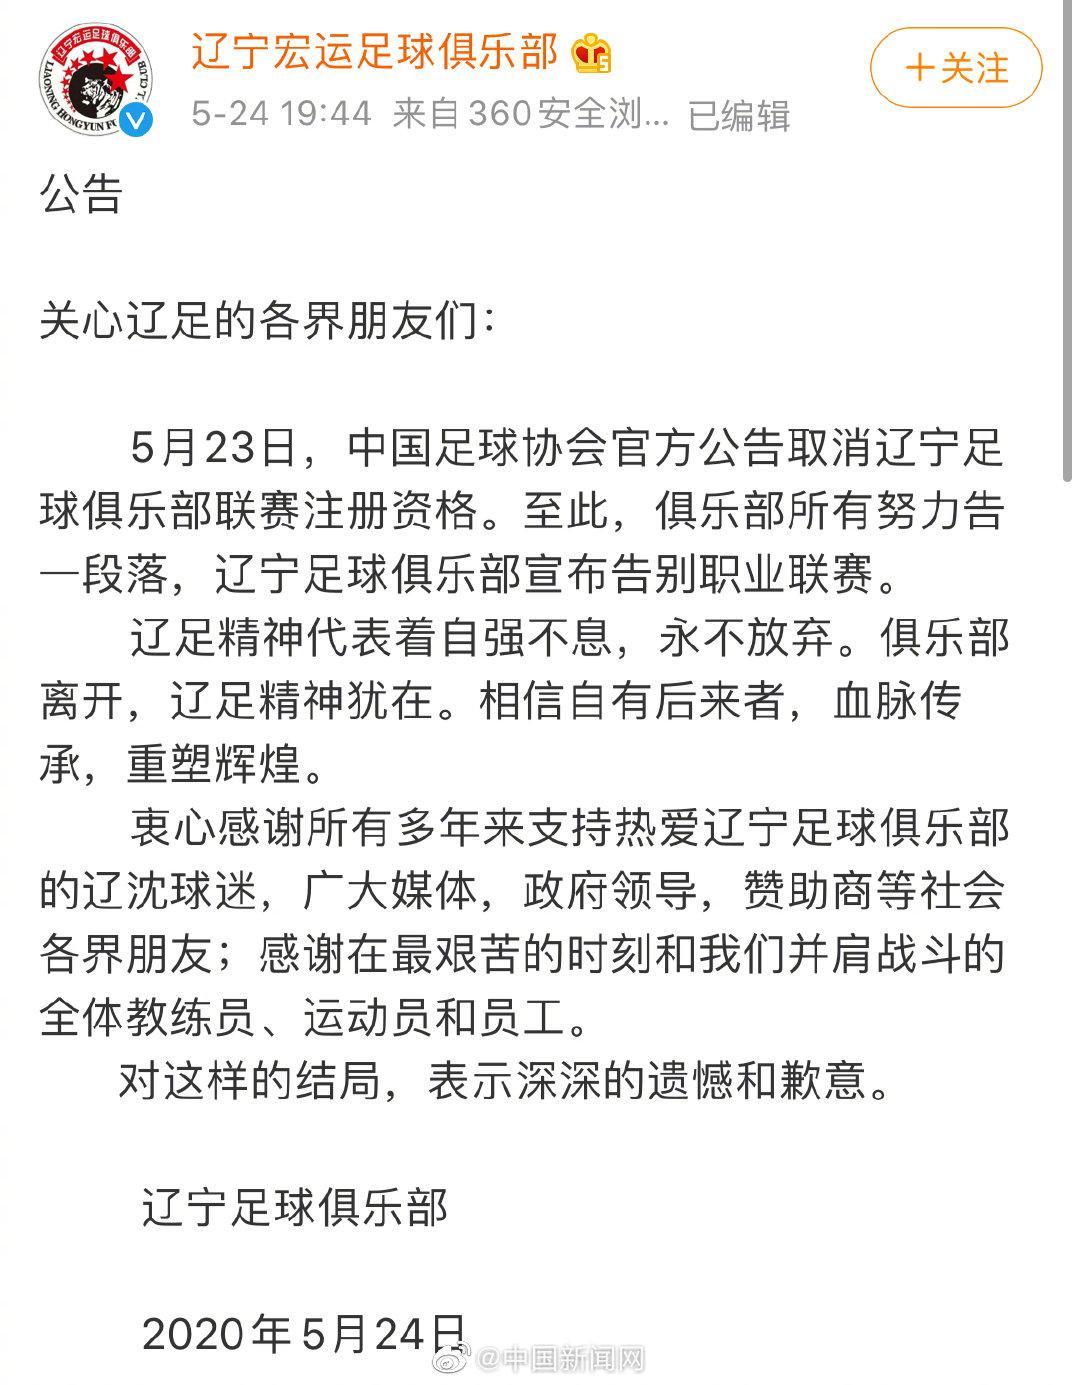 杏悦注册:告别职业联赛表示杏悦注册遗憾图片